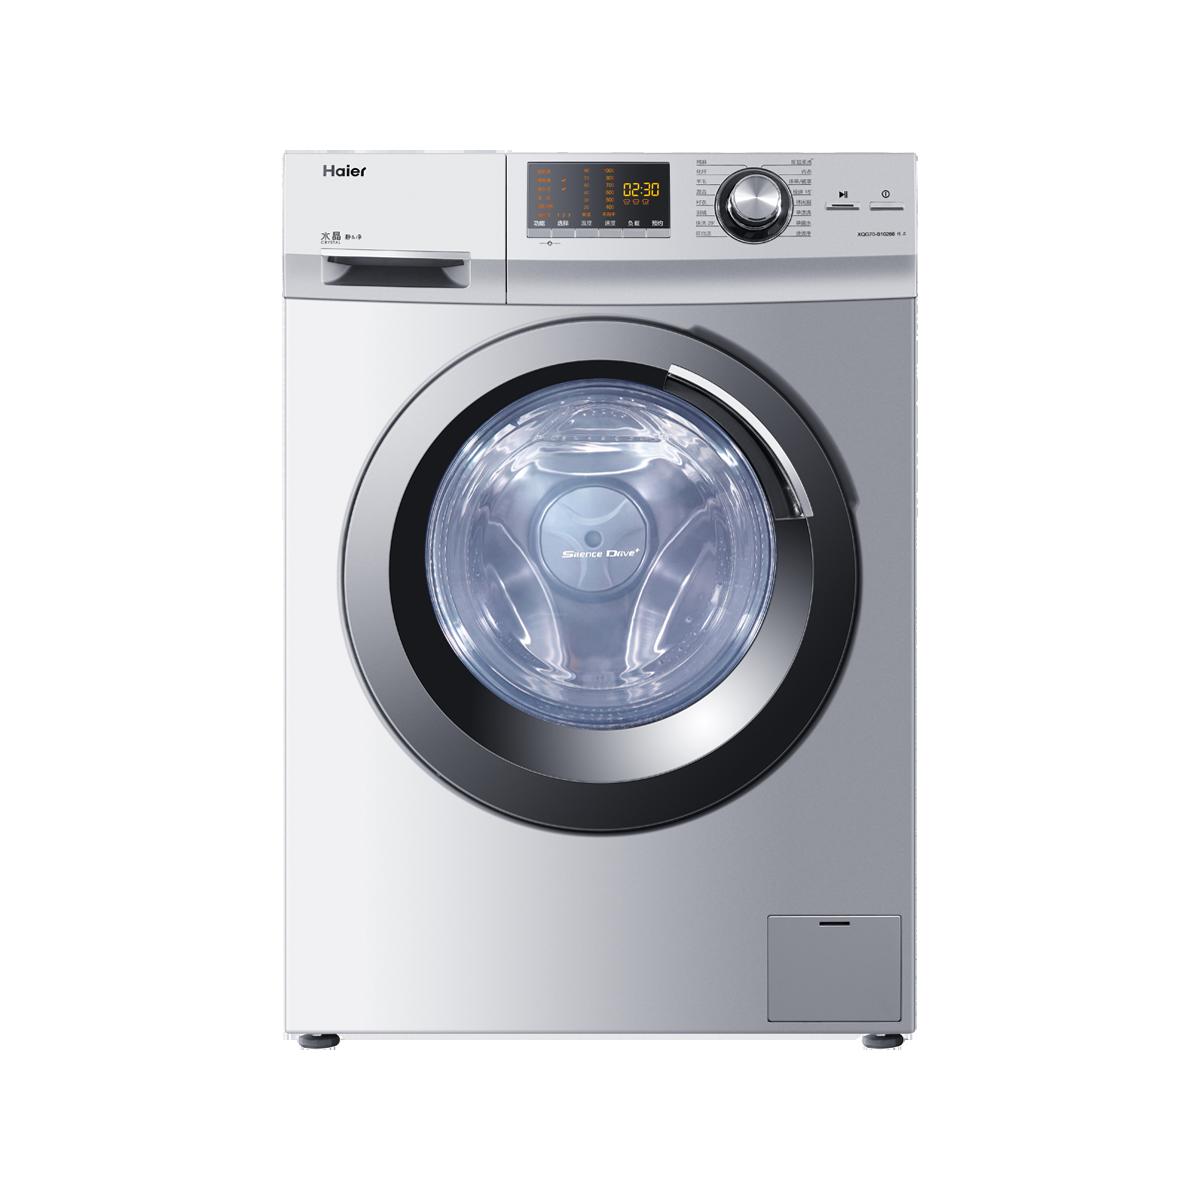 海尔Haier洗衣机 XQG70-B10266 说明书